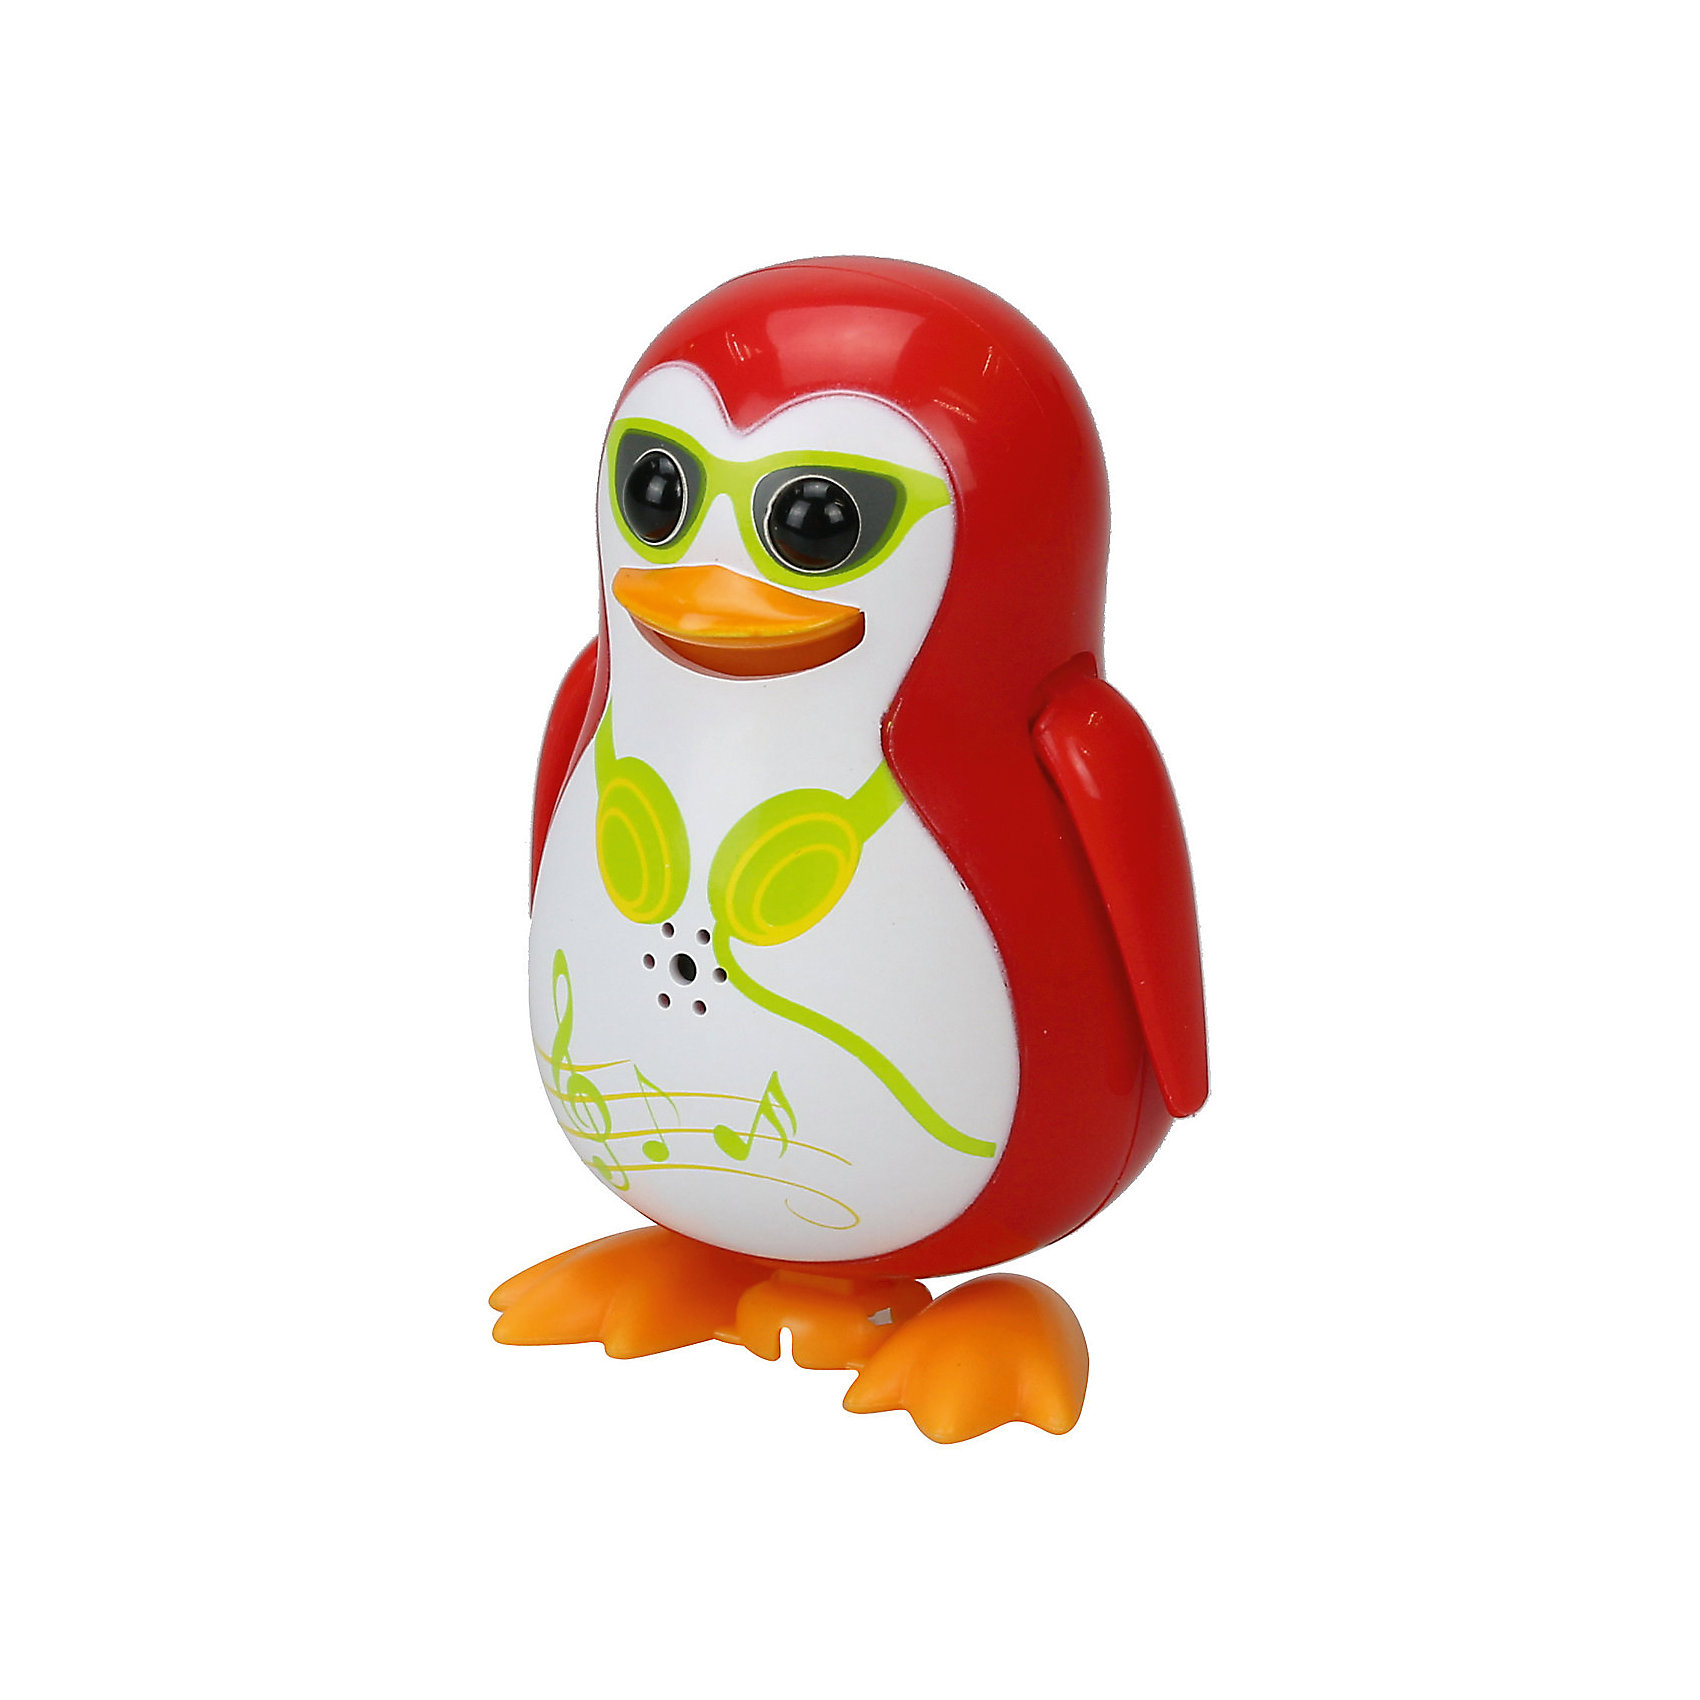 Silverlit Поющий пингвин с кольцом, красный, DigiBirds silverlit digibirds пингвин фигурист с кольцом серый